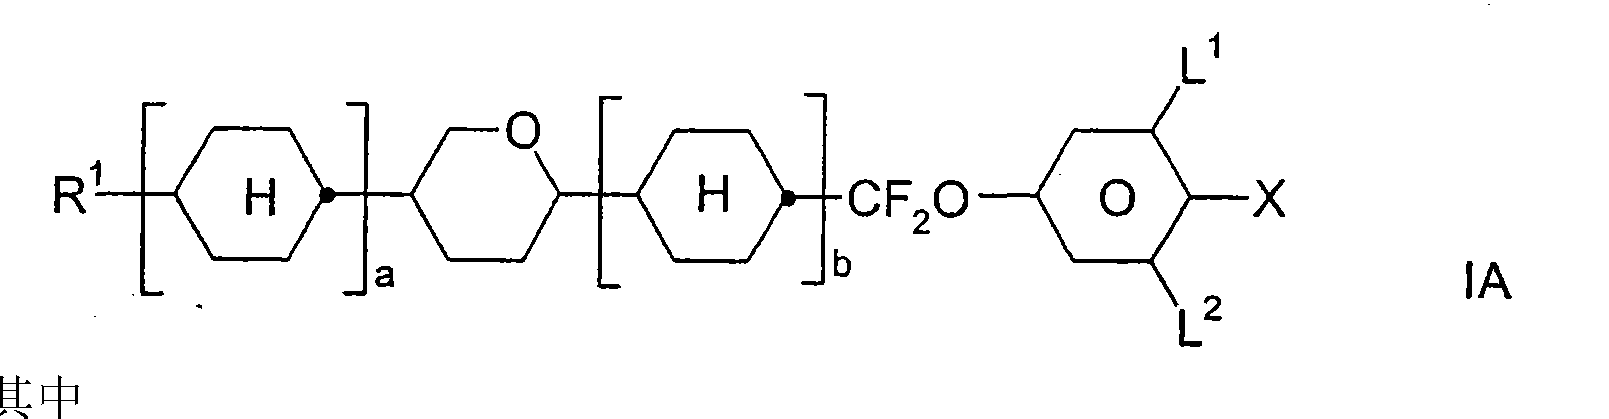 Figure CN101294079BD00181